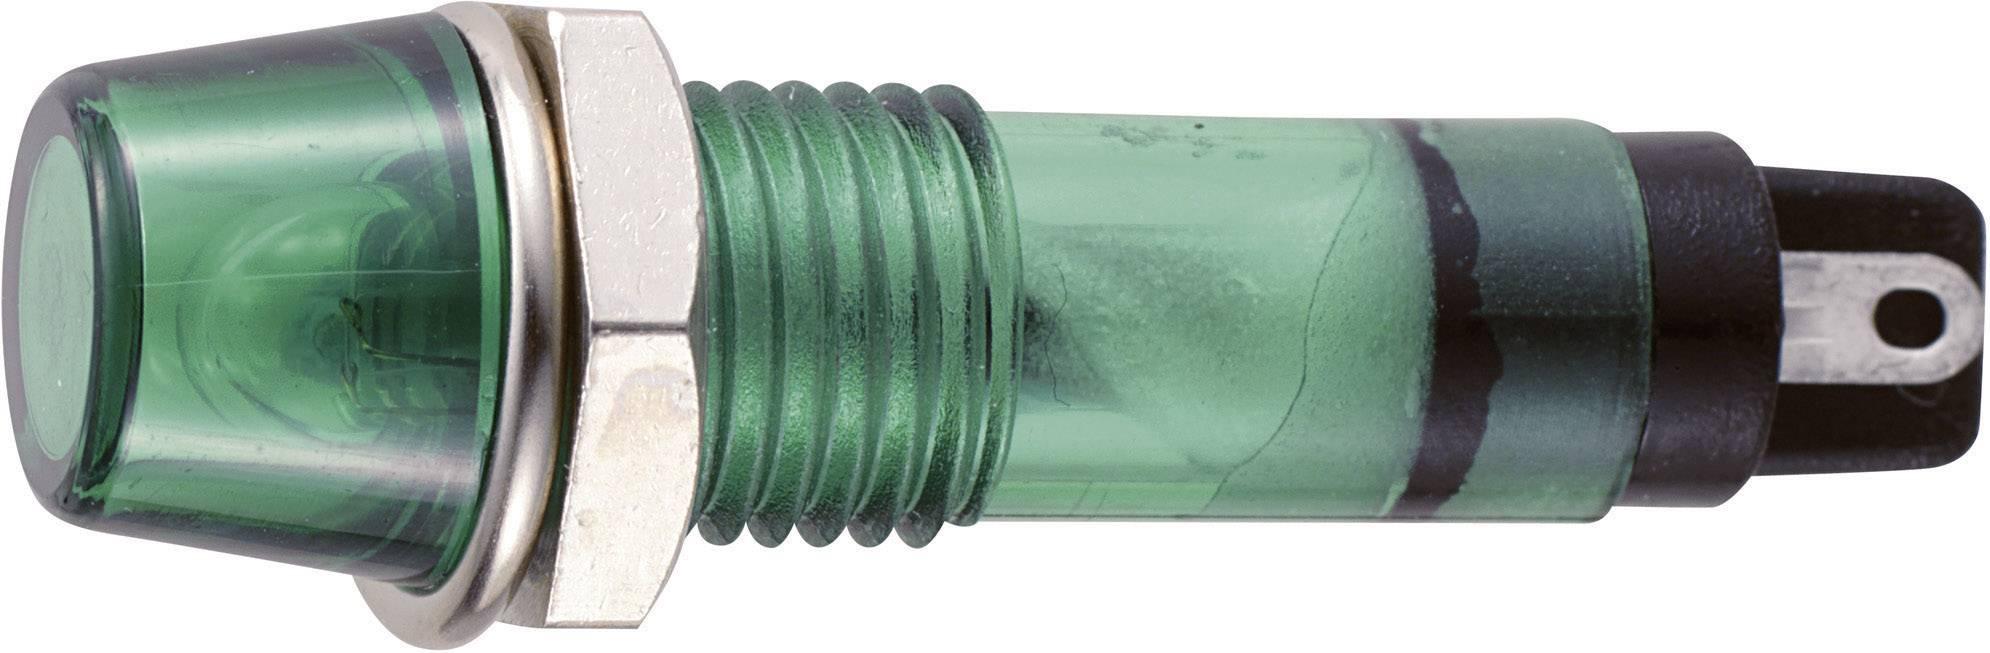 Sedeco B-403 24V GREEN, zelená, 1 ks